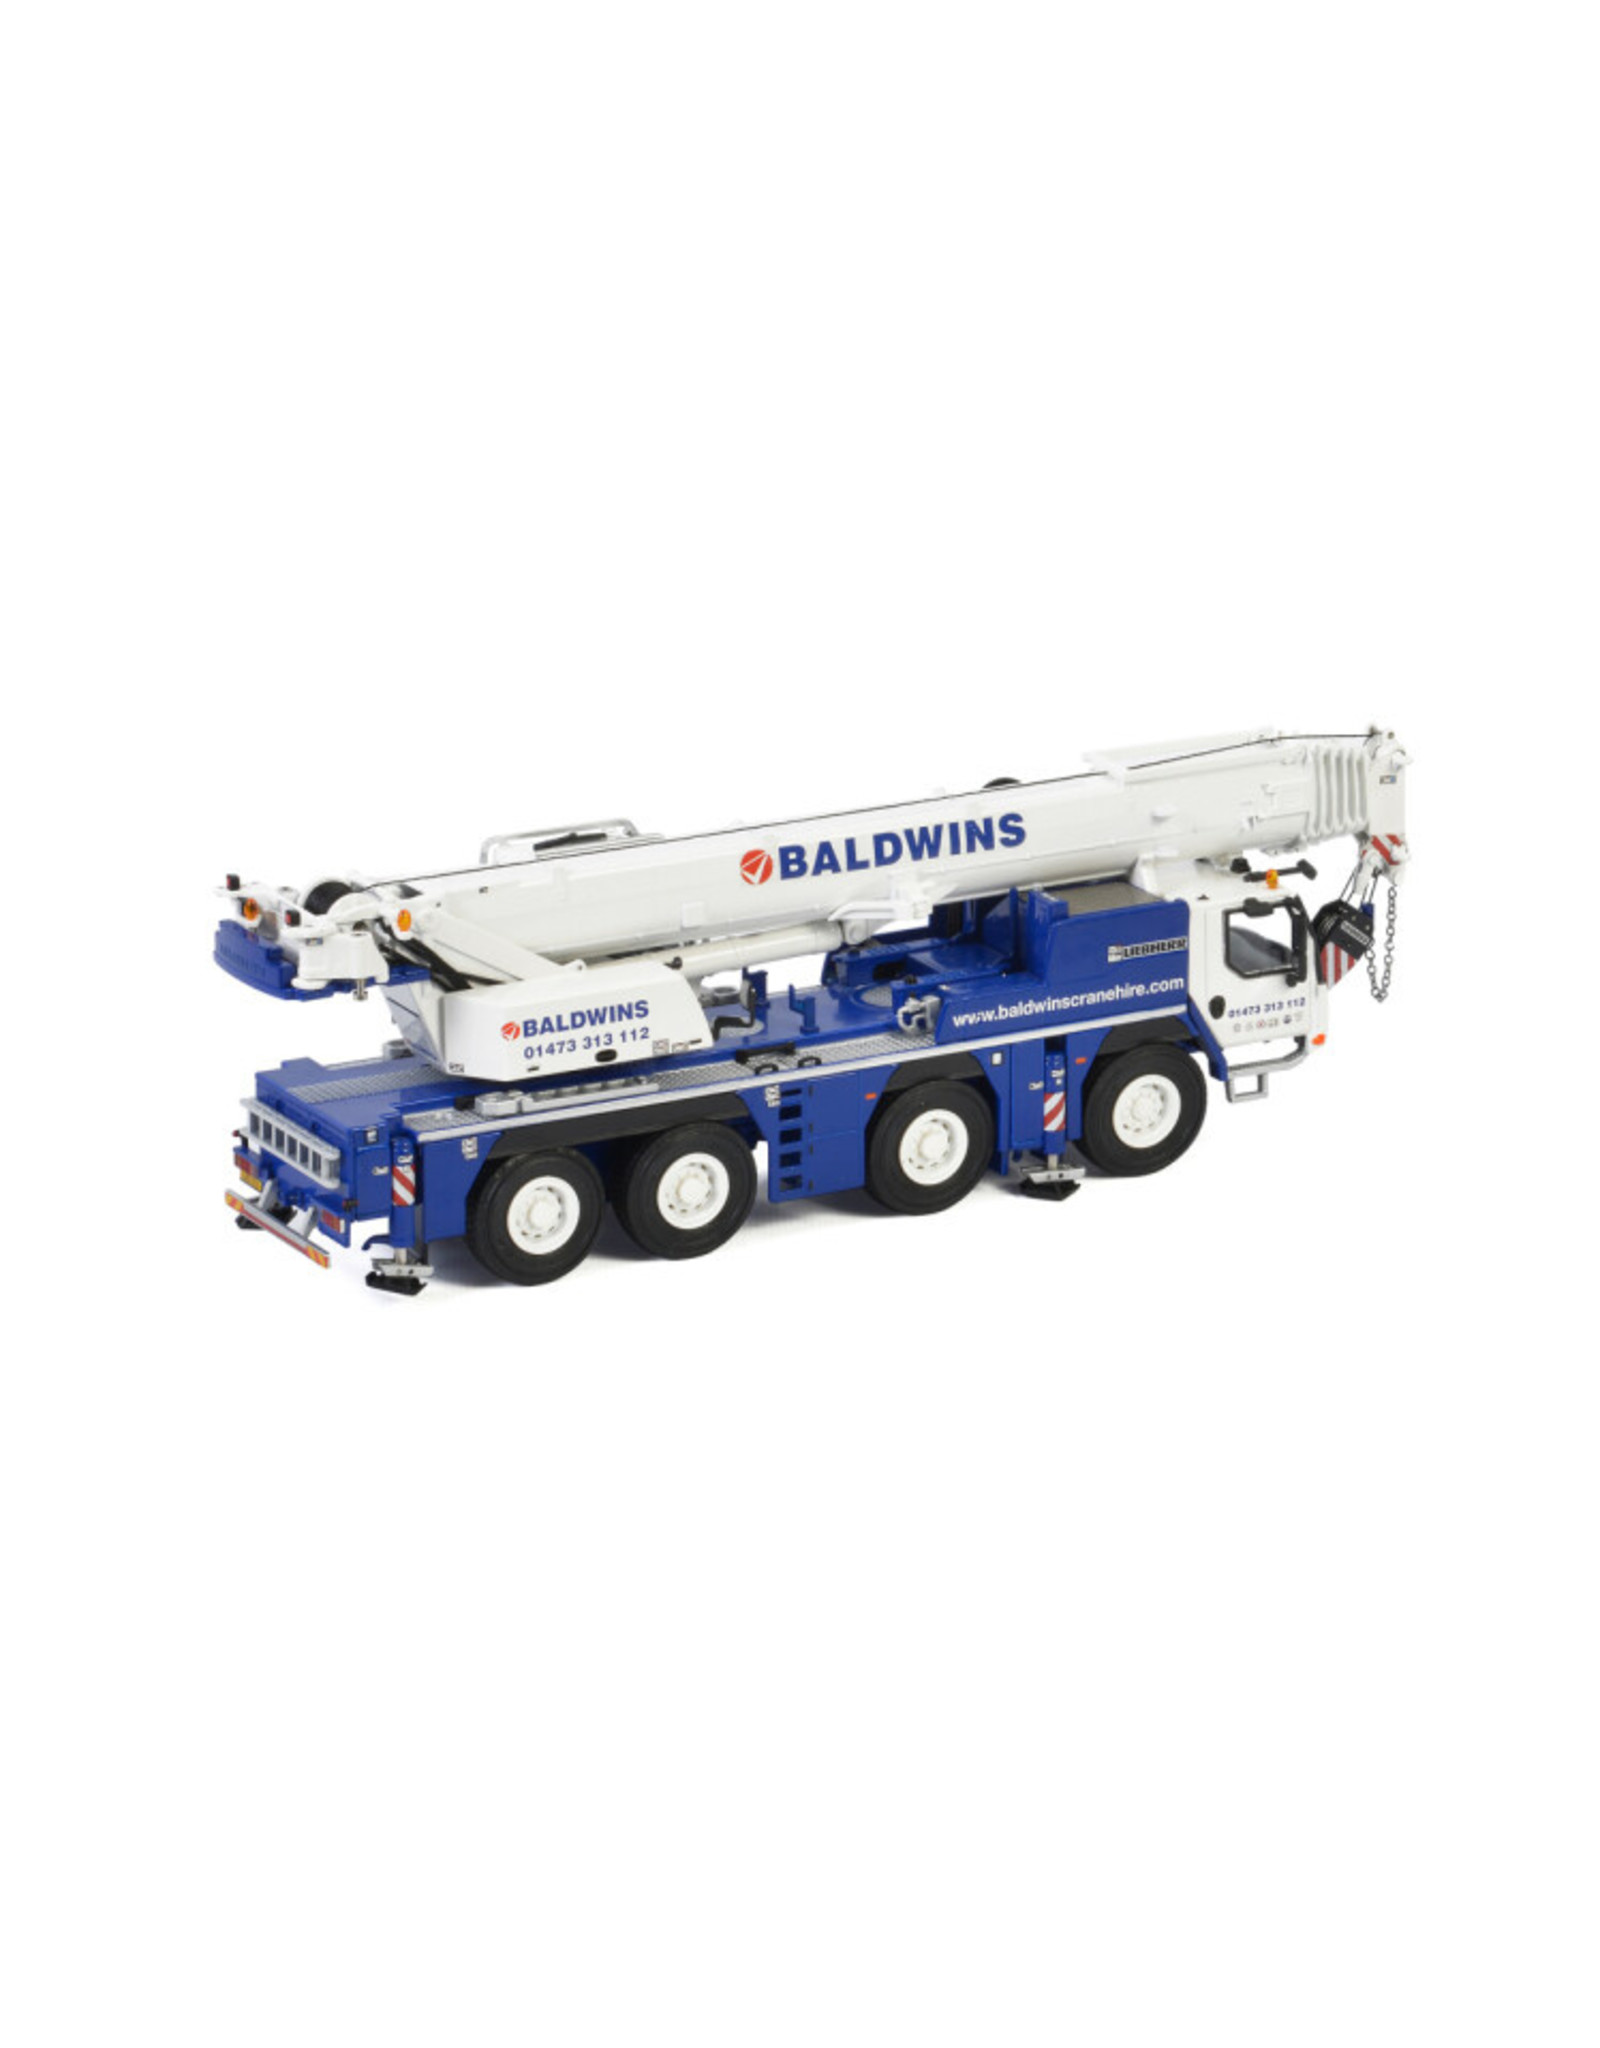 Liebherr Liebherr LTM 1090 4.2 'Baldwins Crane Hire' - 1:50 - WSI Models